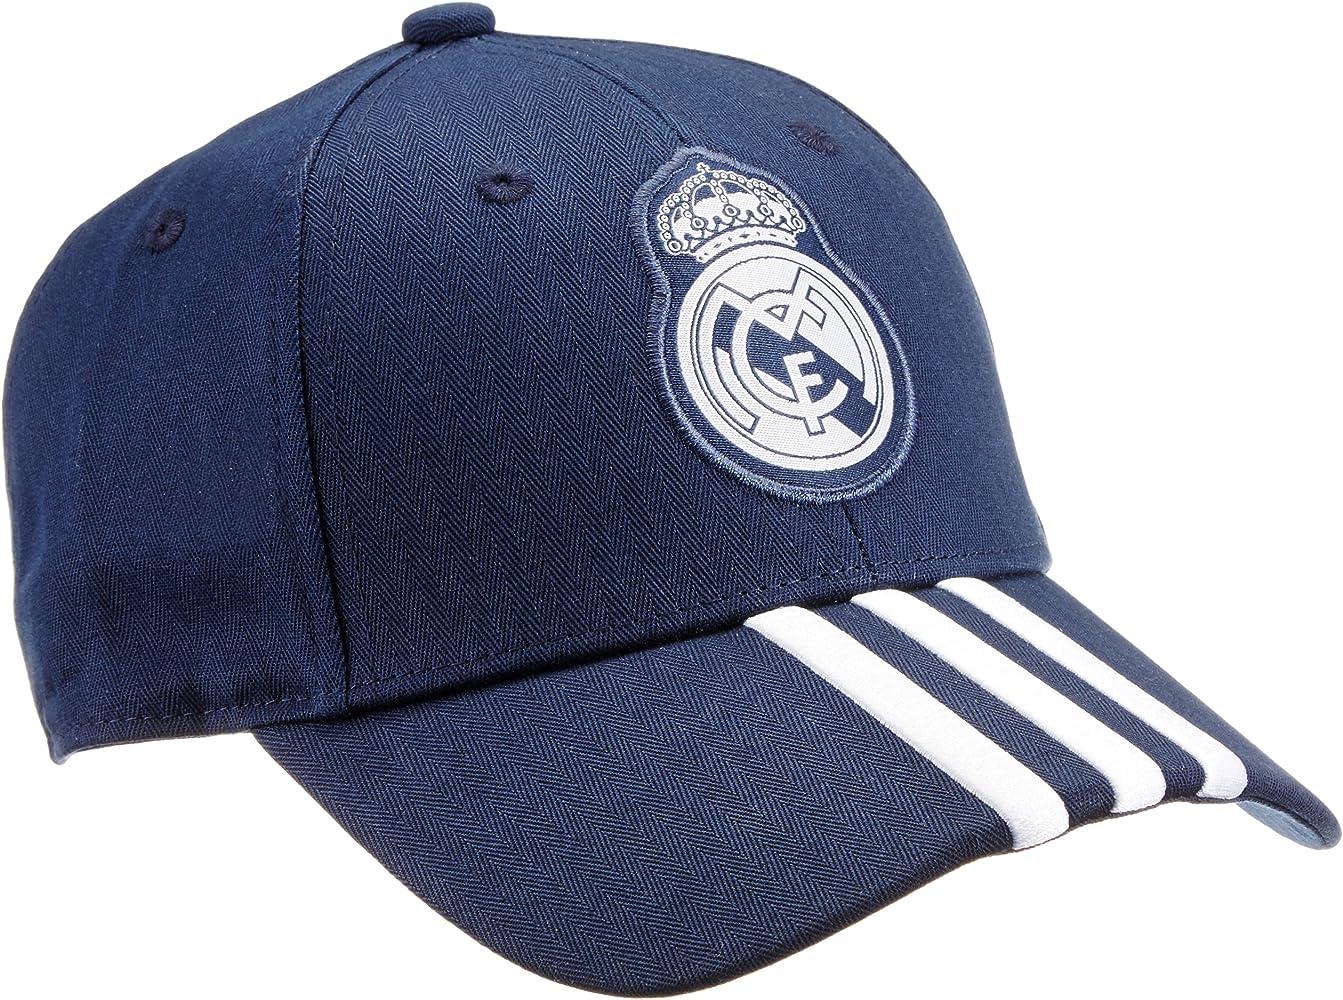 adidas Gorra Real Madrid 3-Stripes Azul Collegiate Navy/White ...